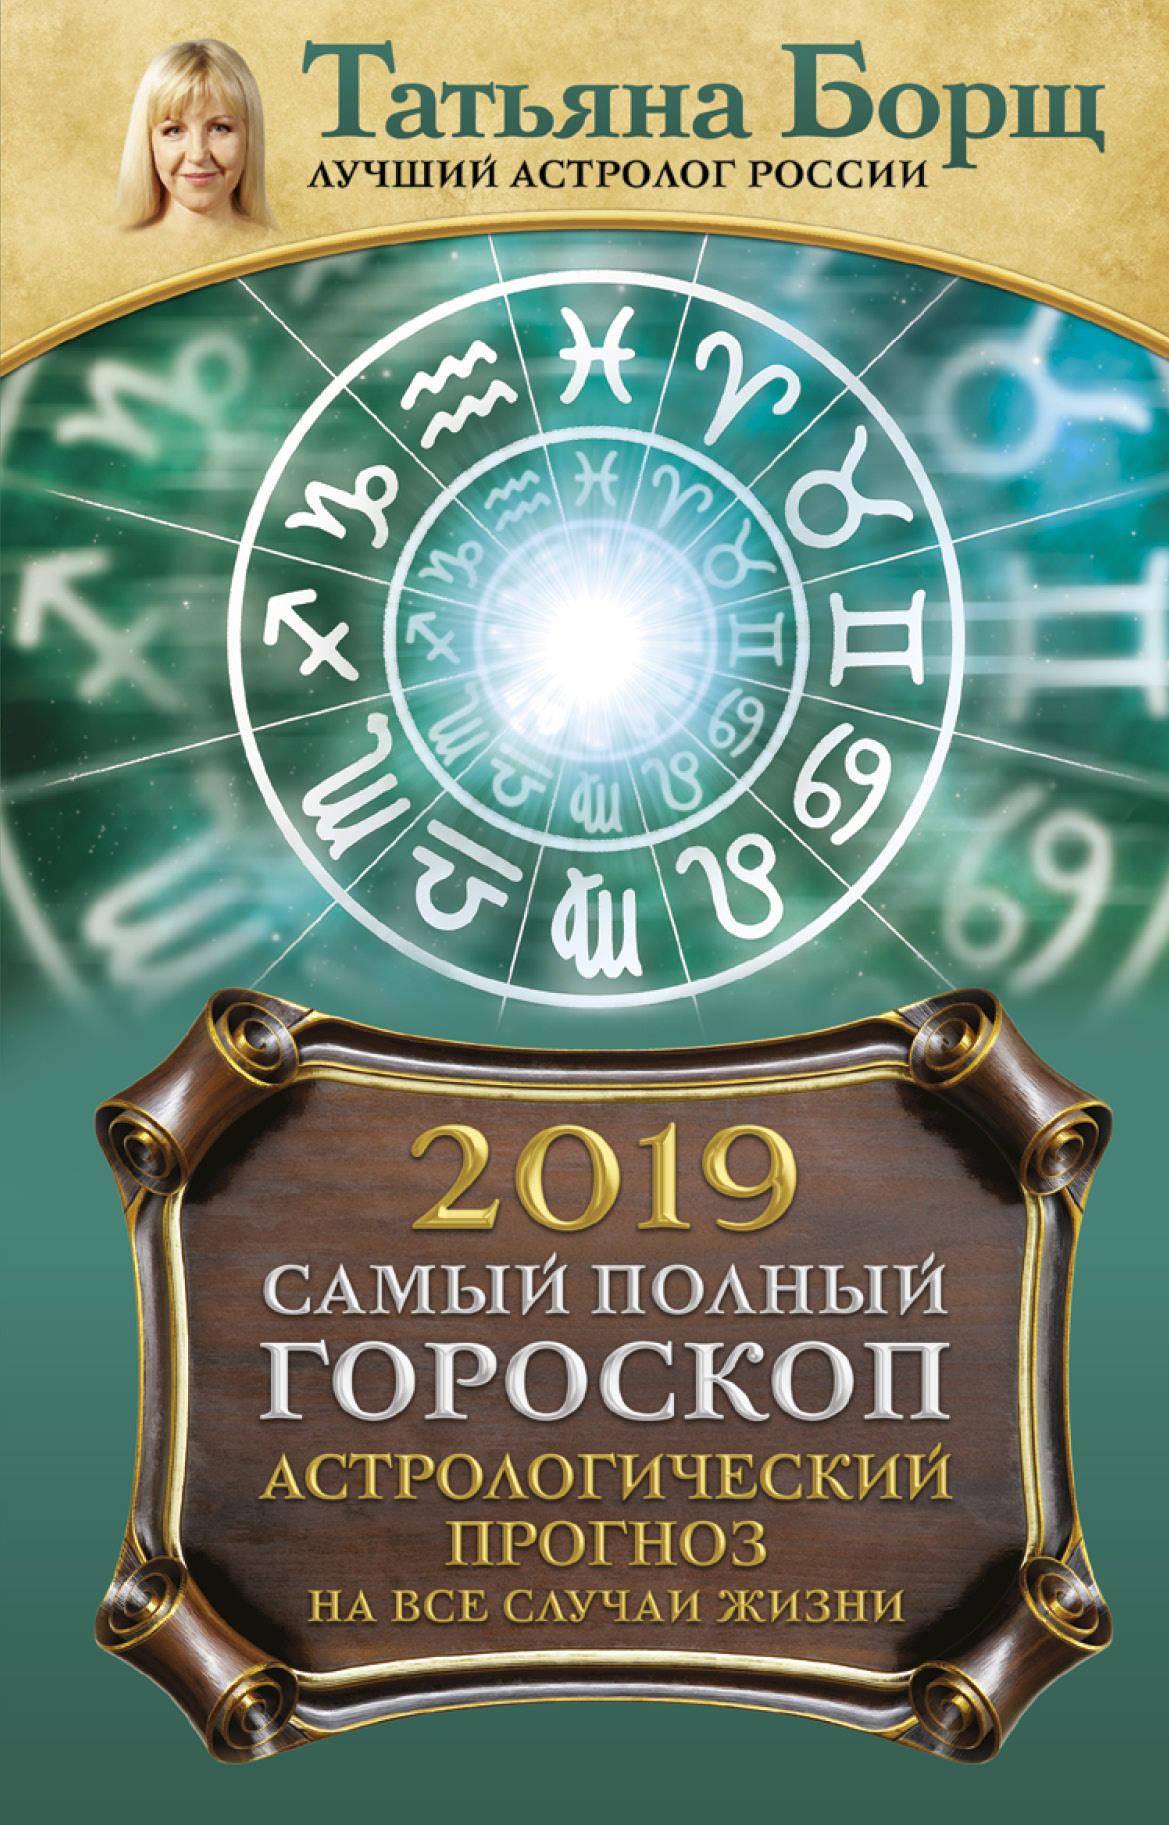 Татьяна Борщ Астрологический прогноз на все случаи жизни. Самый полный гороскоп на 2019 год татьяна борщ рыбы самый полный гороскоп на 2018 год 20 февраля – 20 марта